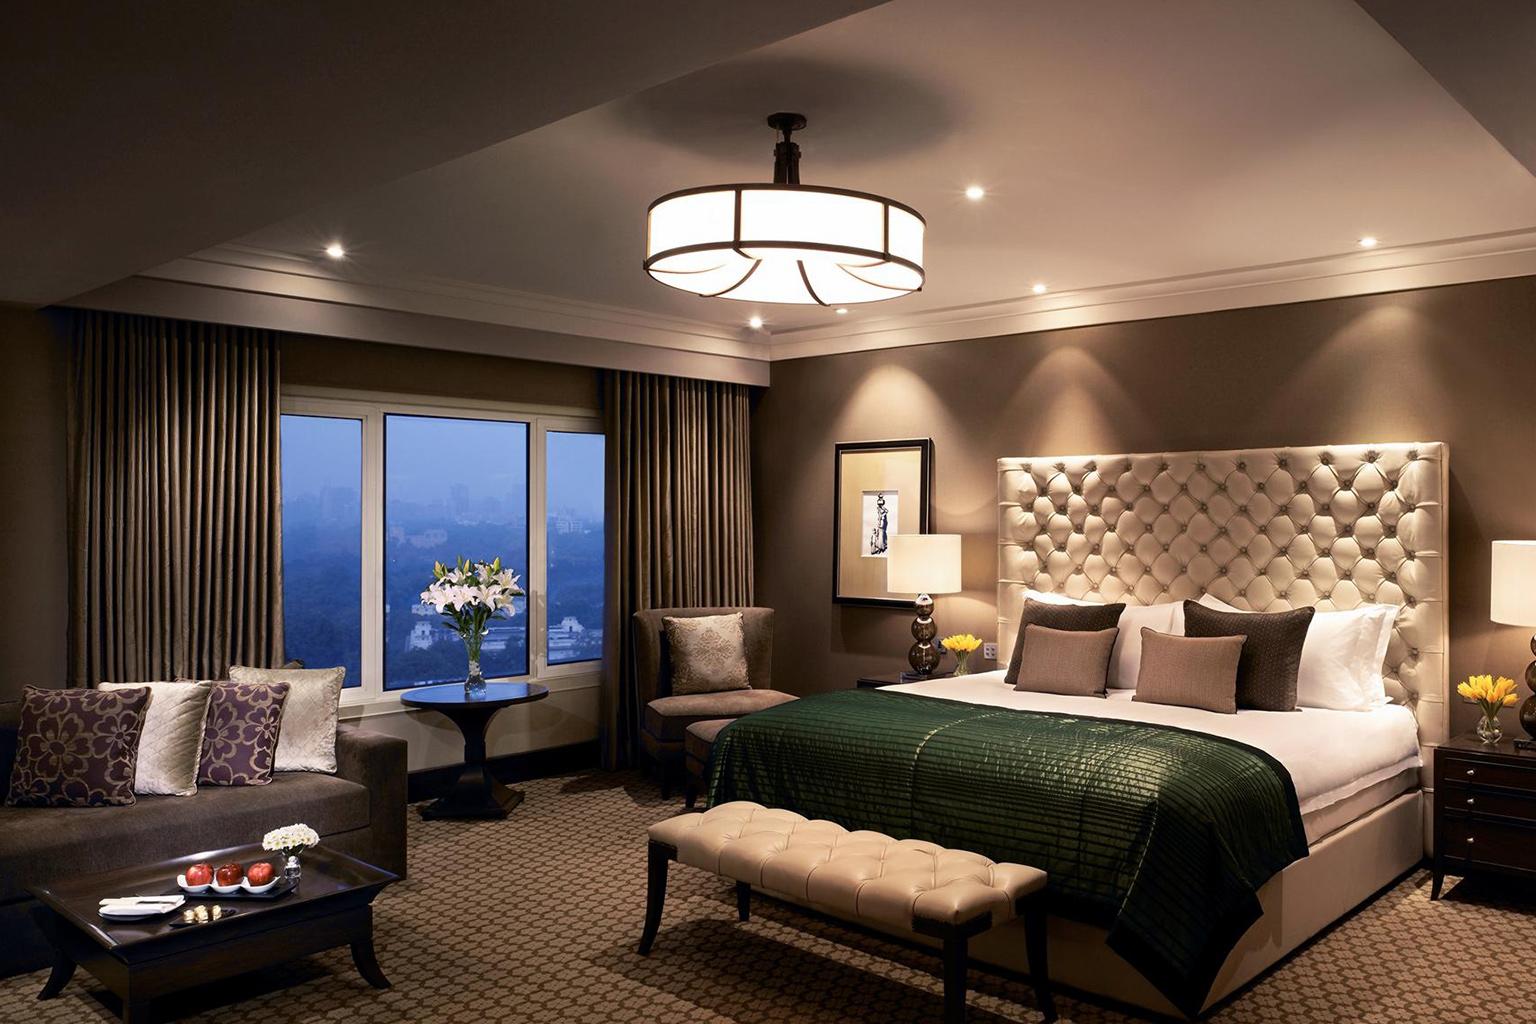 Schlafzimmer edel schlafzimmer ideen klein bettw sche formel 1 kopfkissen d nisches bettenlager - Schlafzimmer edel ...